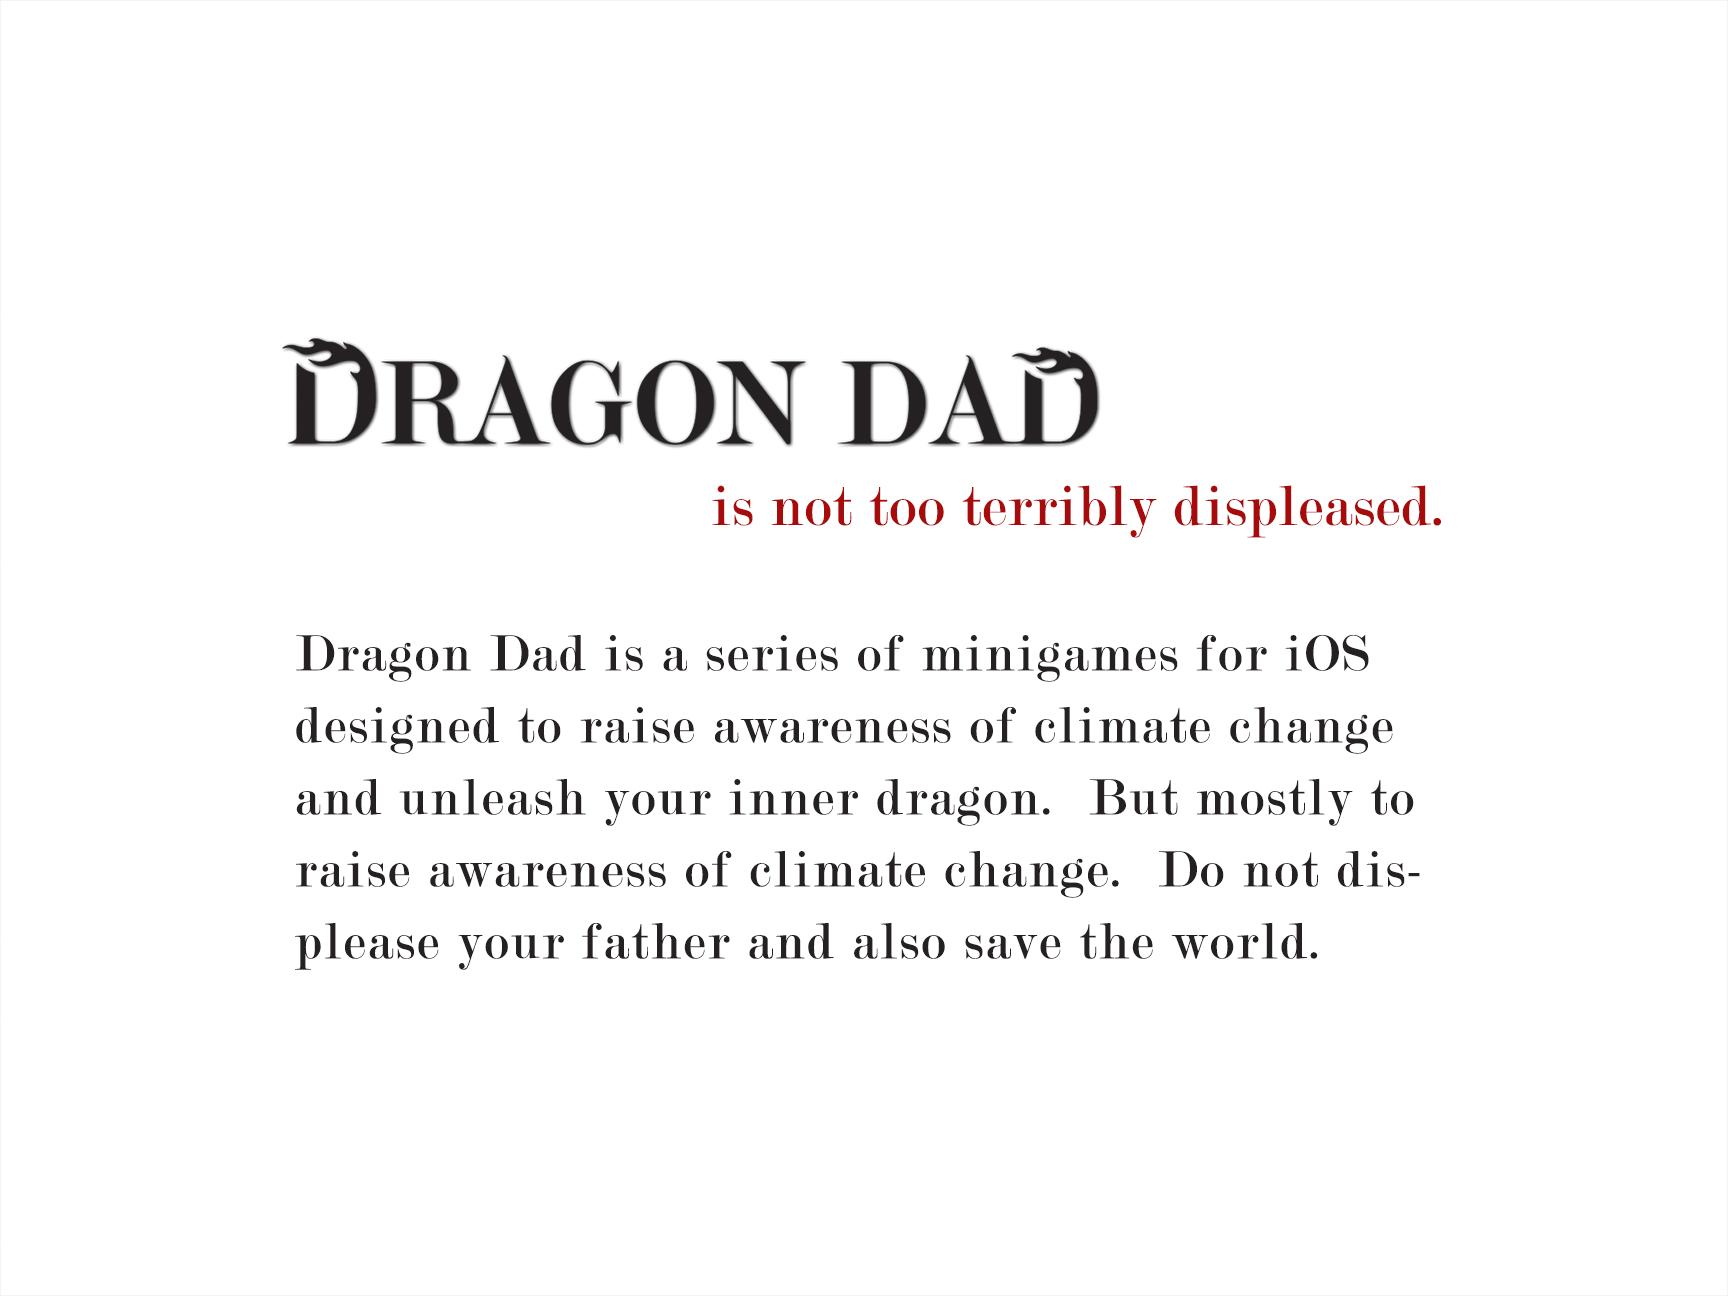 DragonDad_Promo_Text.png